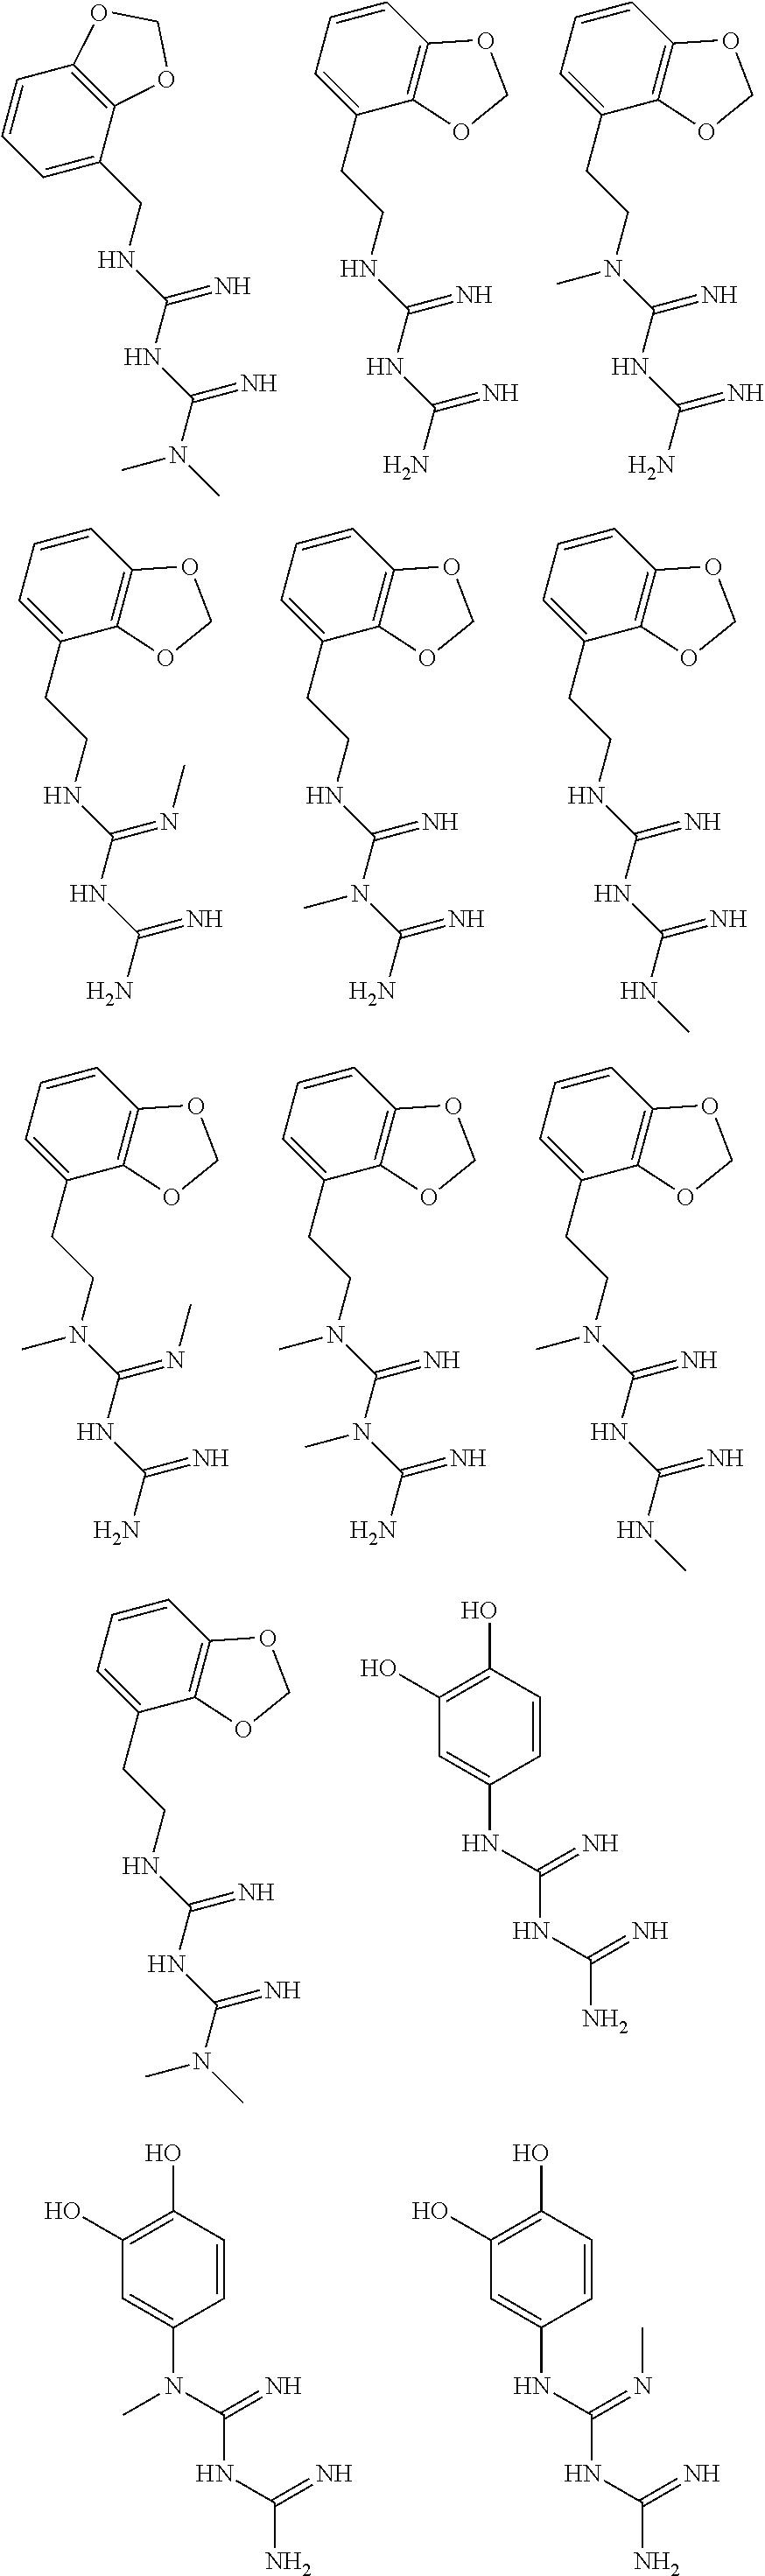 Figure US09480663-20161101-C00022